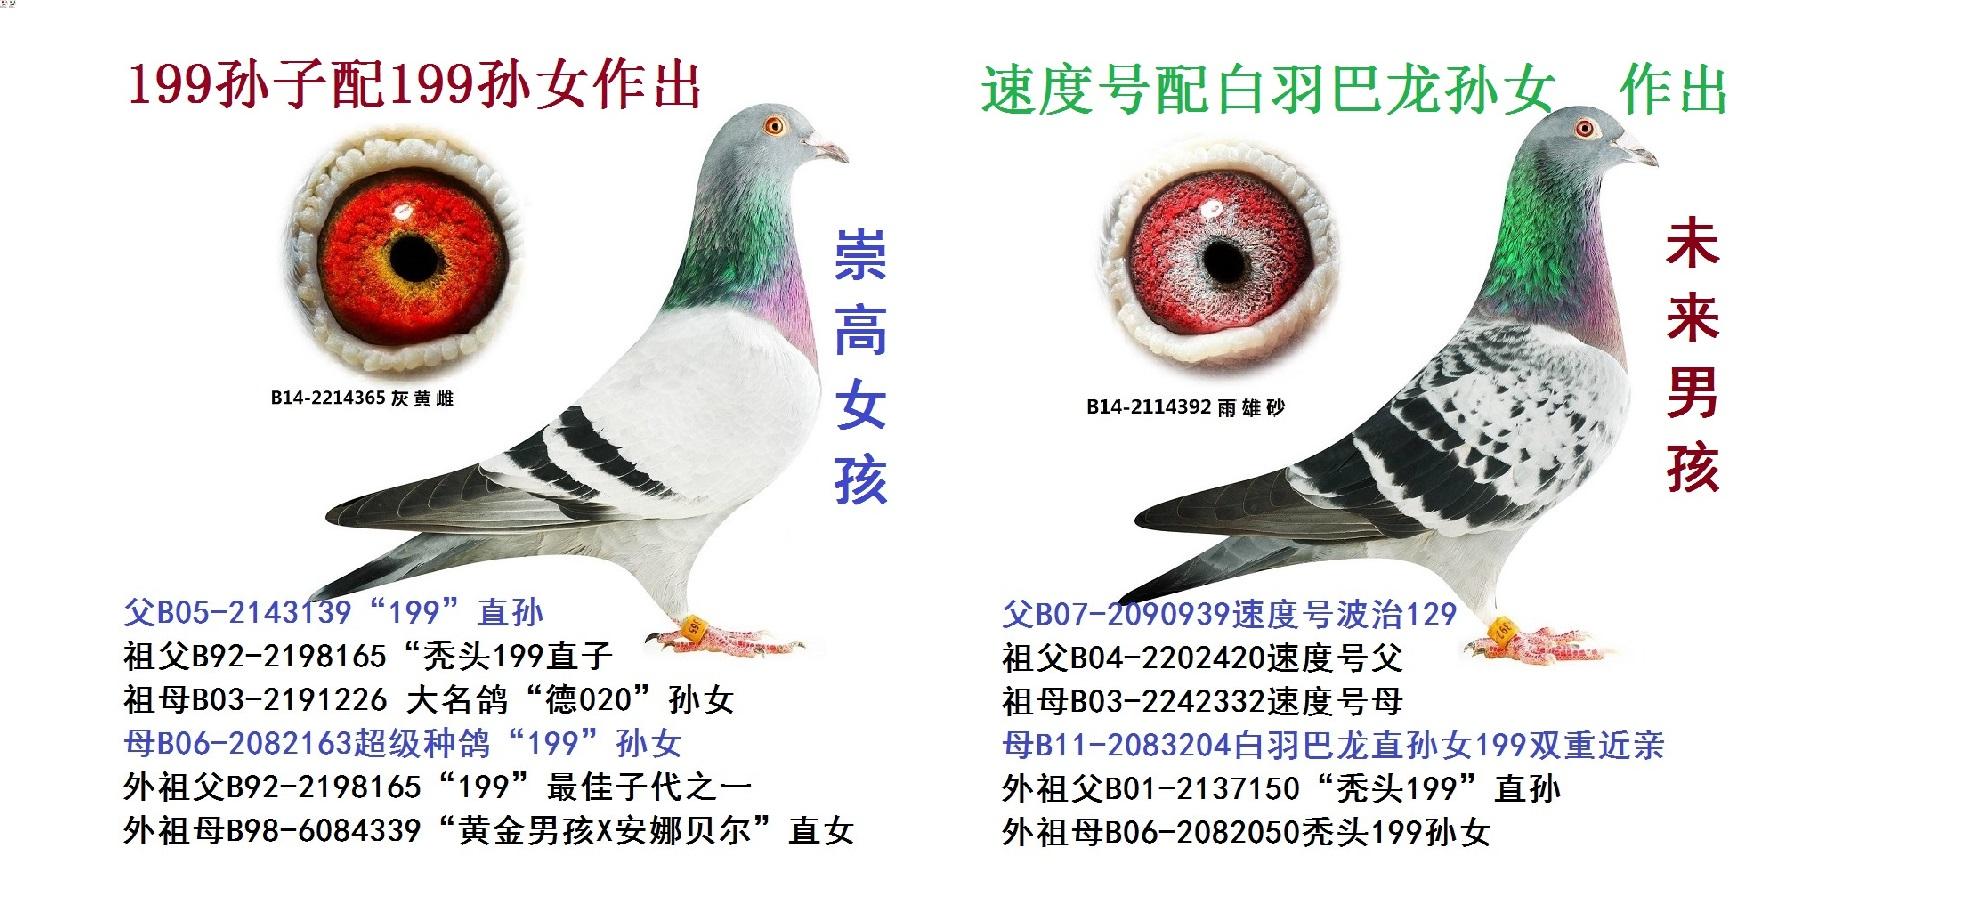 戈马利★速度号直子★幼鸽2000元一只